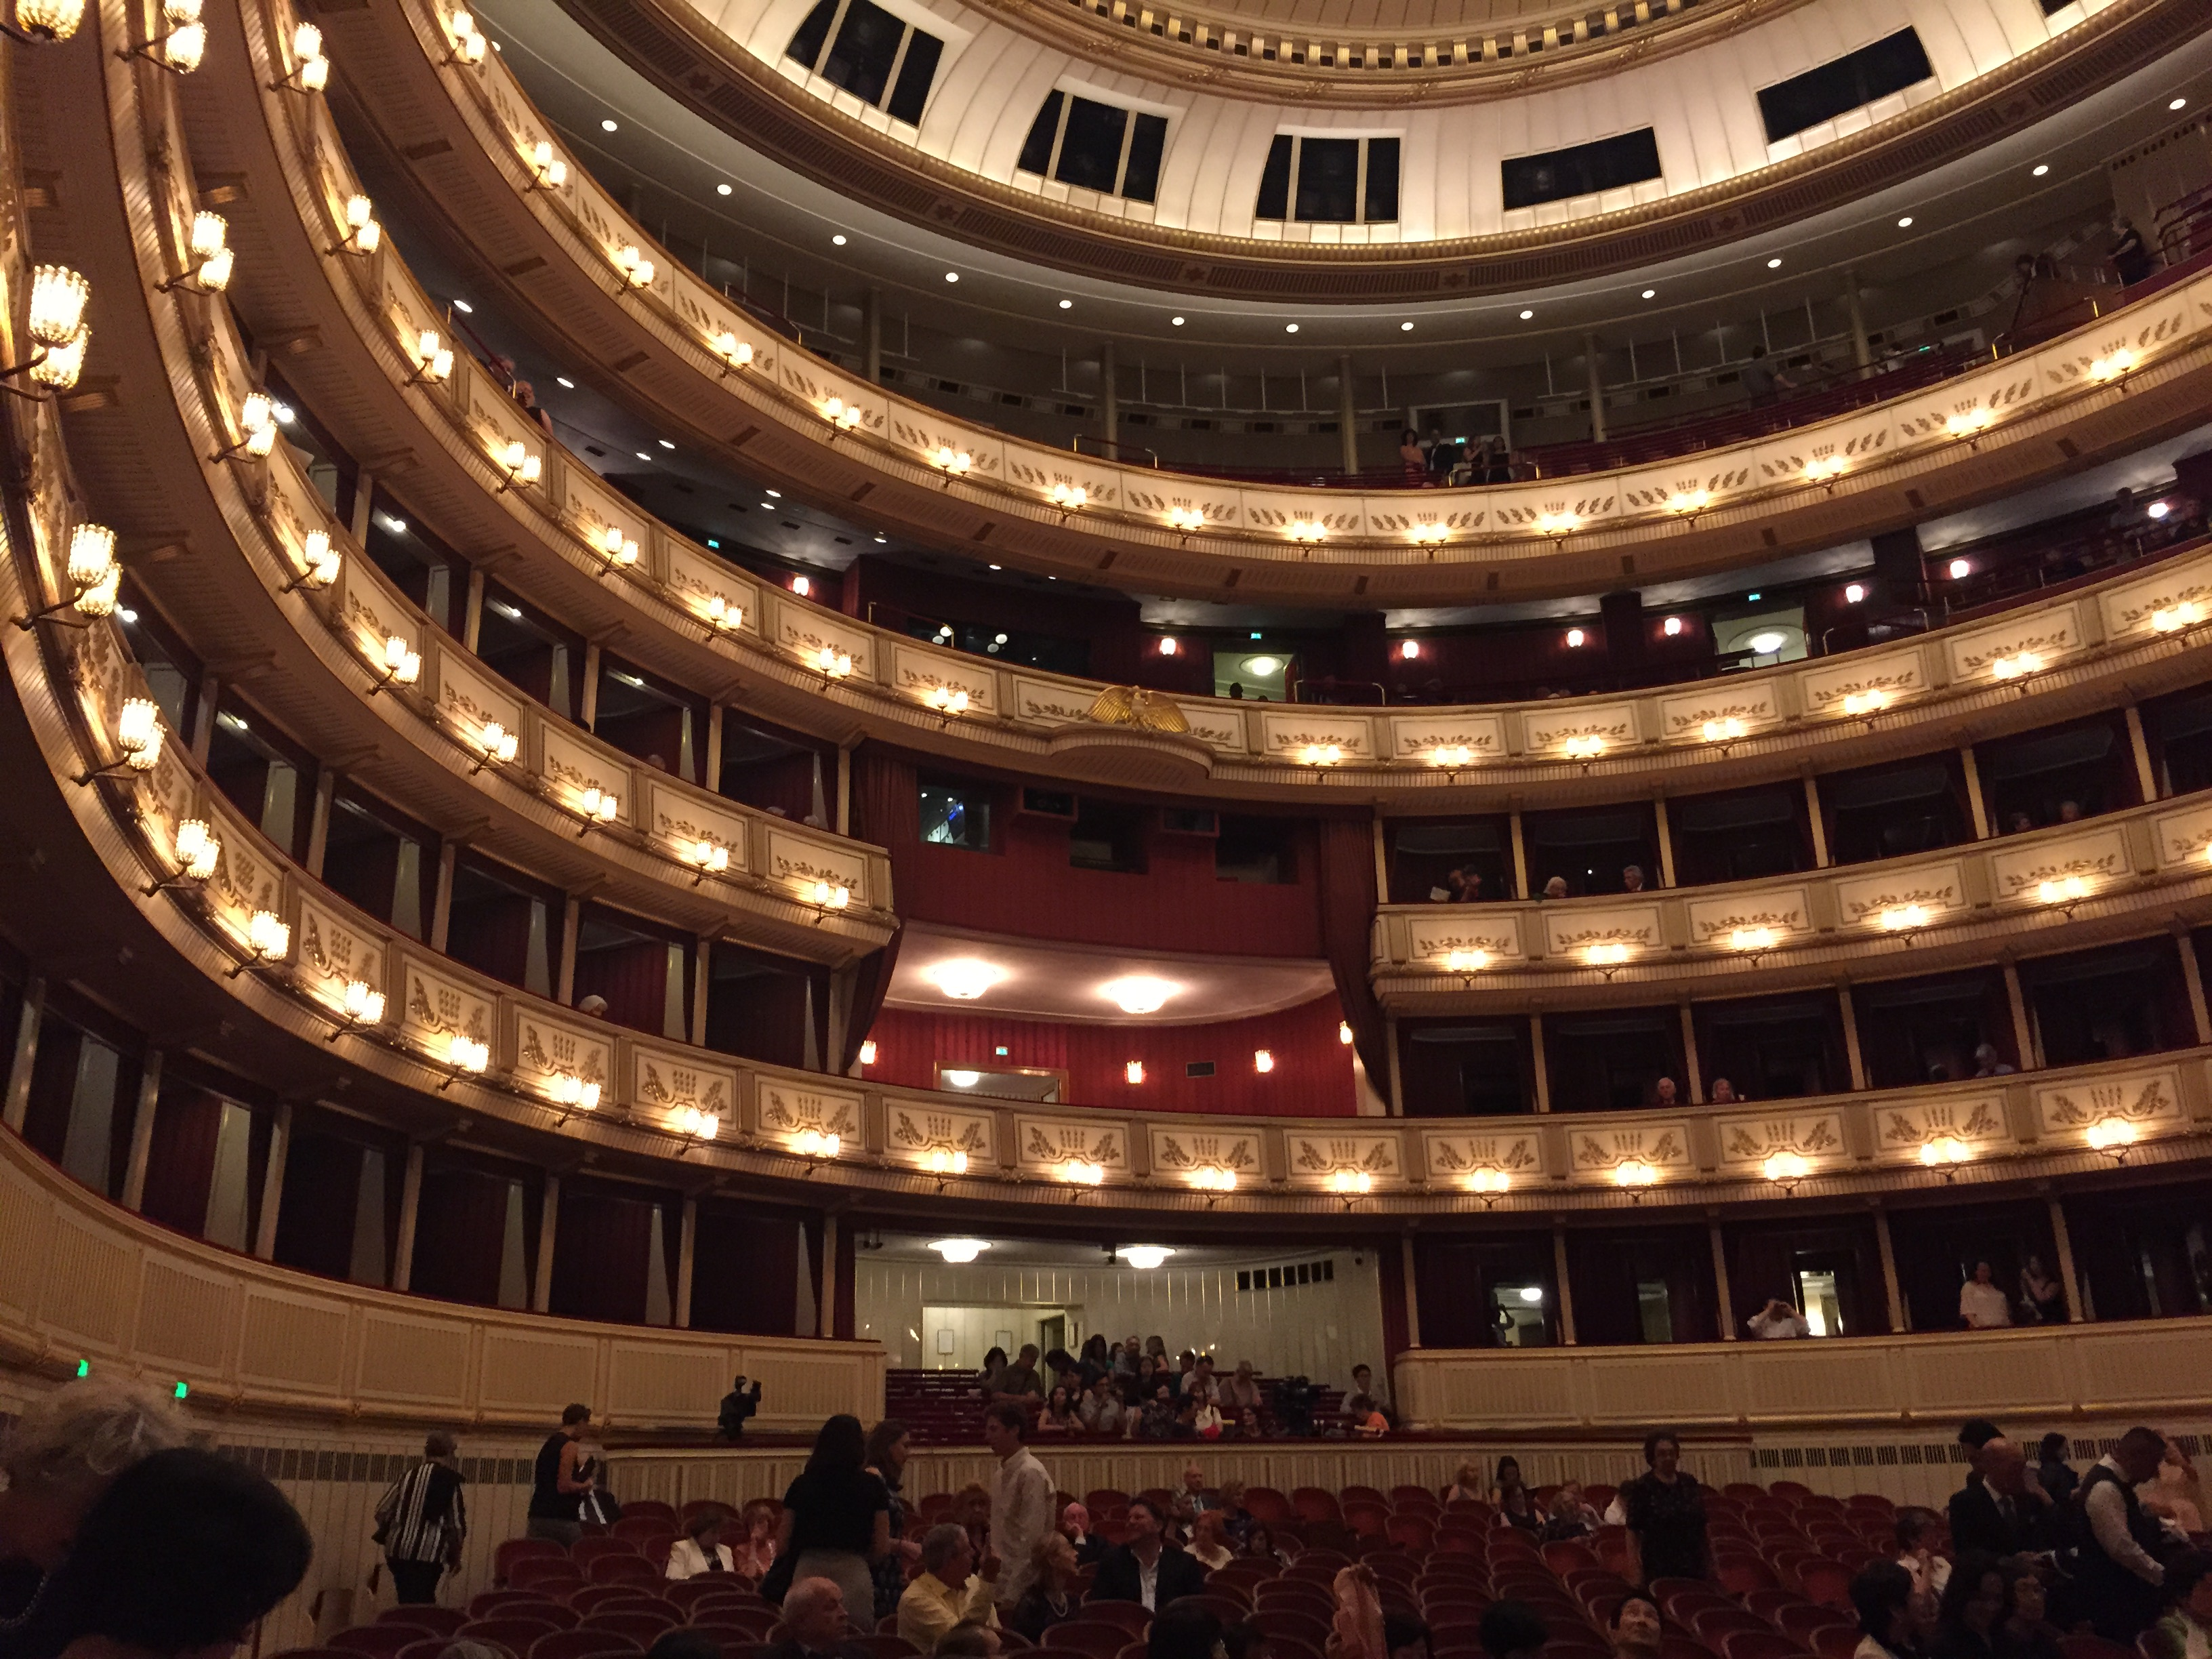 ウィーン国立歌劇場内部